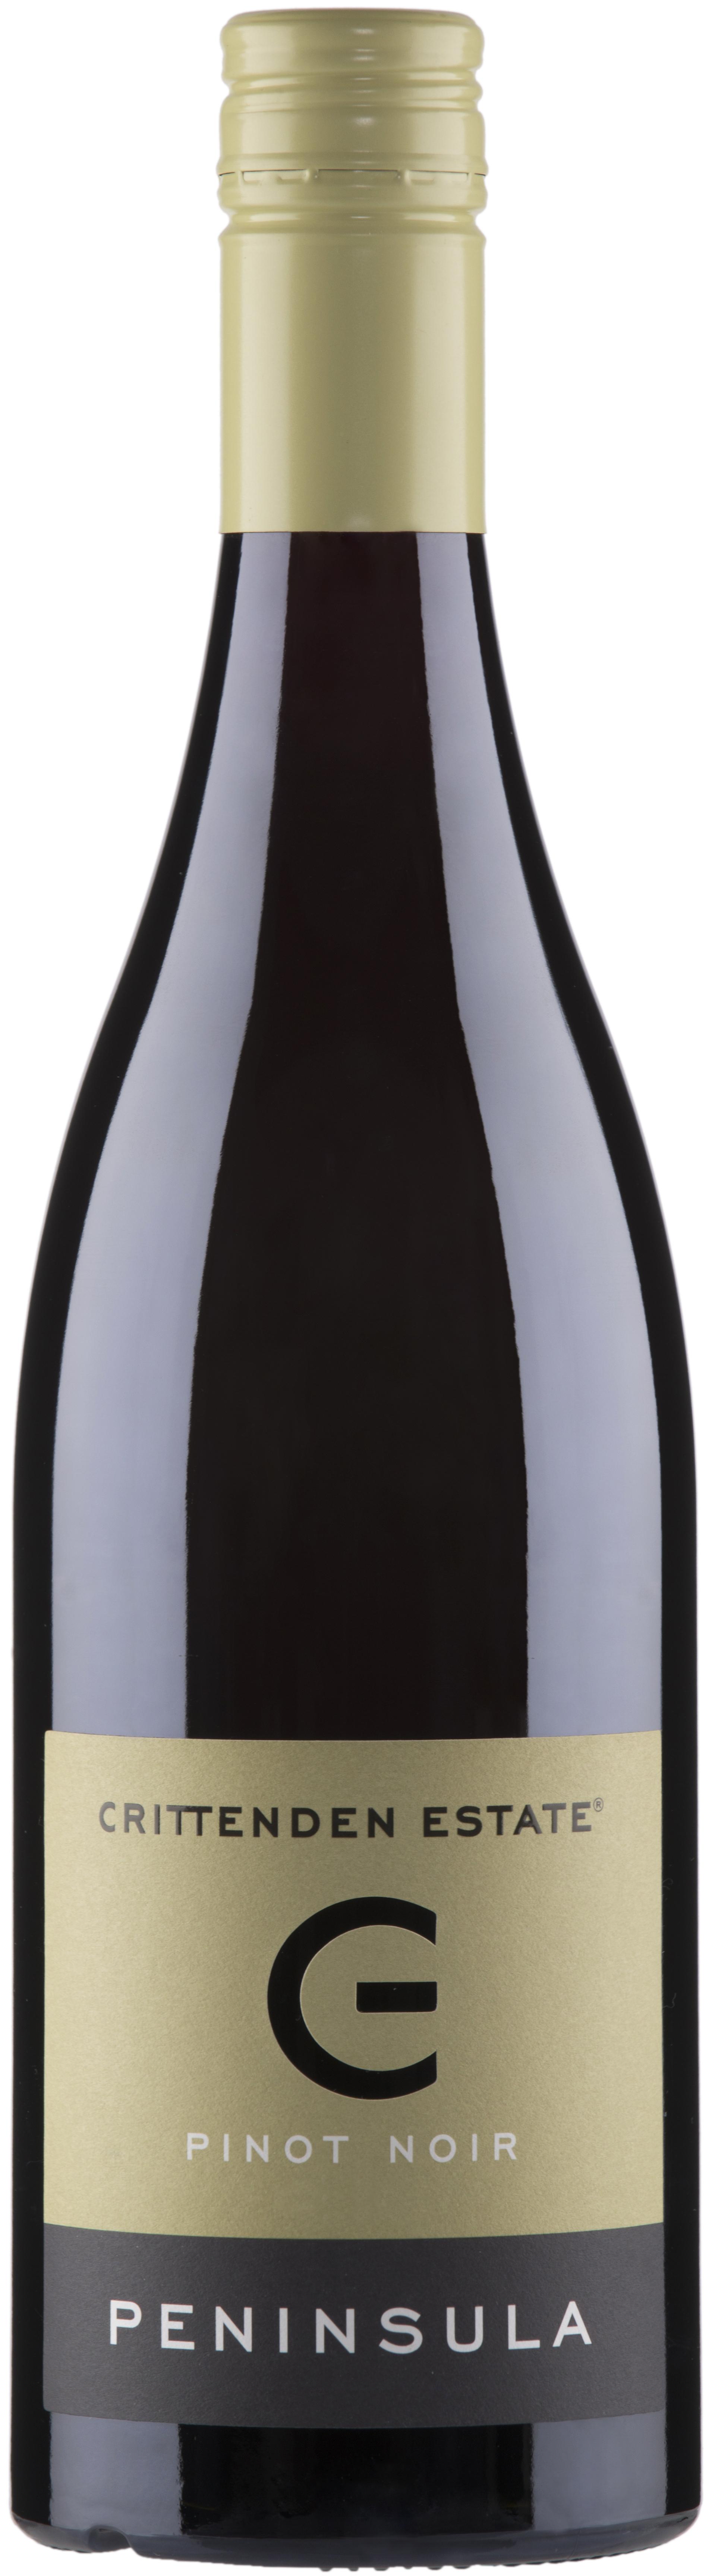 Crittenden Estate Peninsula Pinot Noir